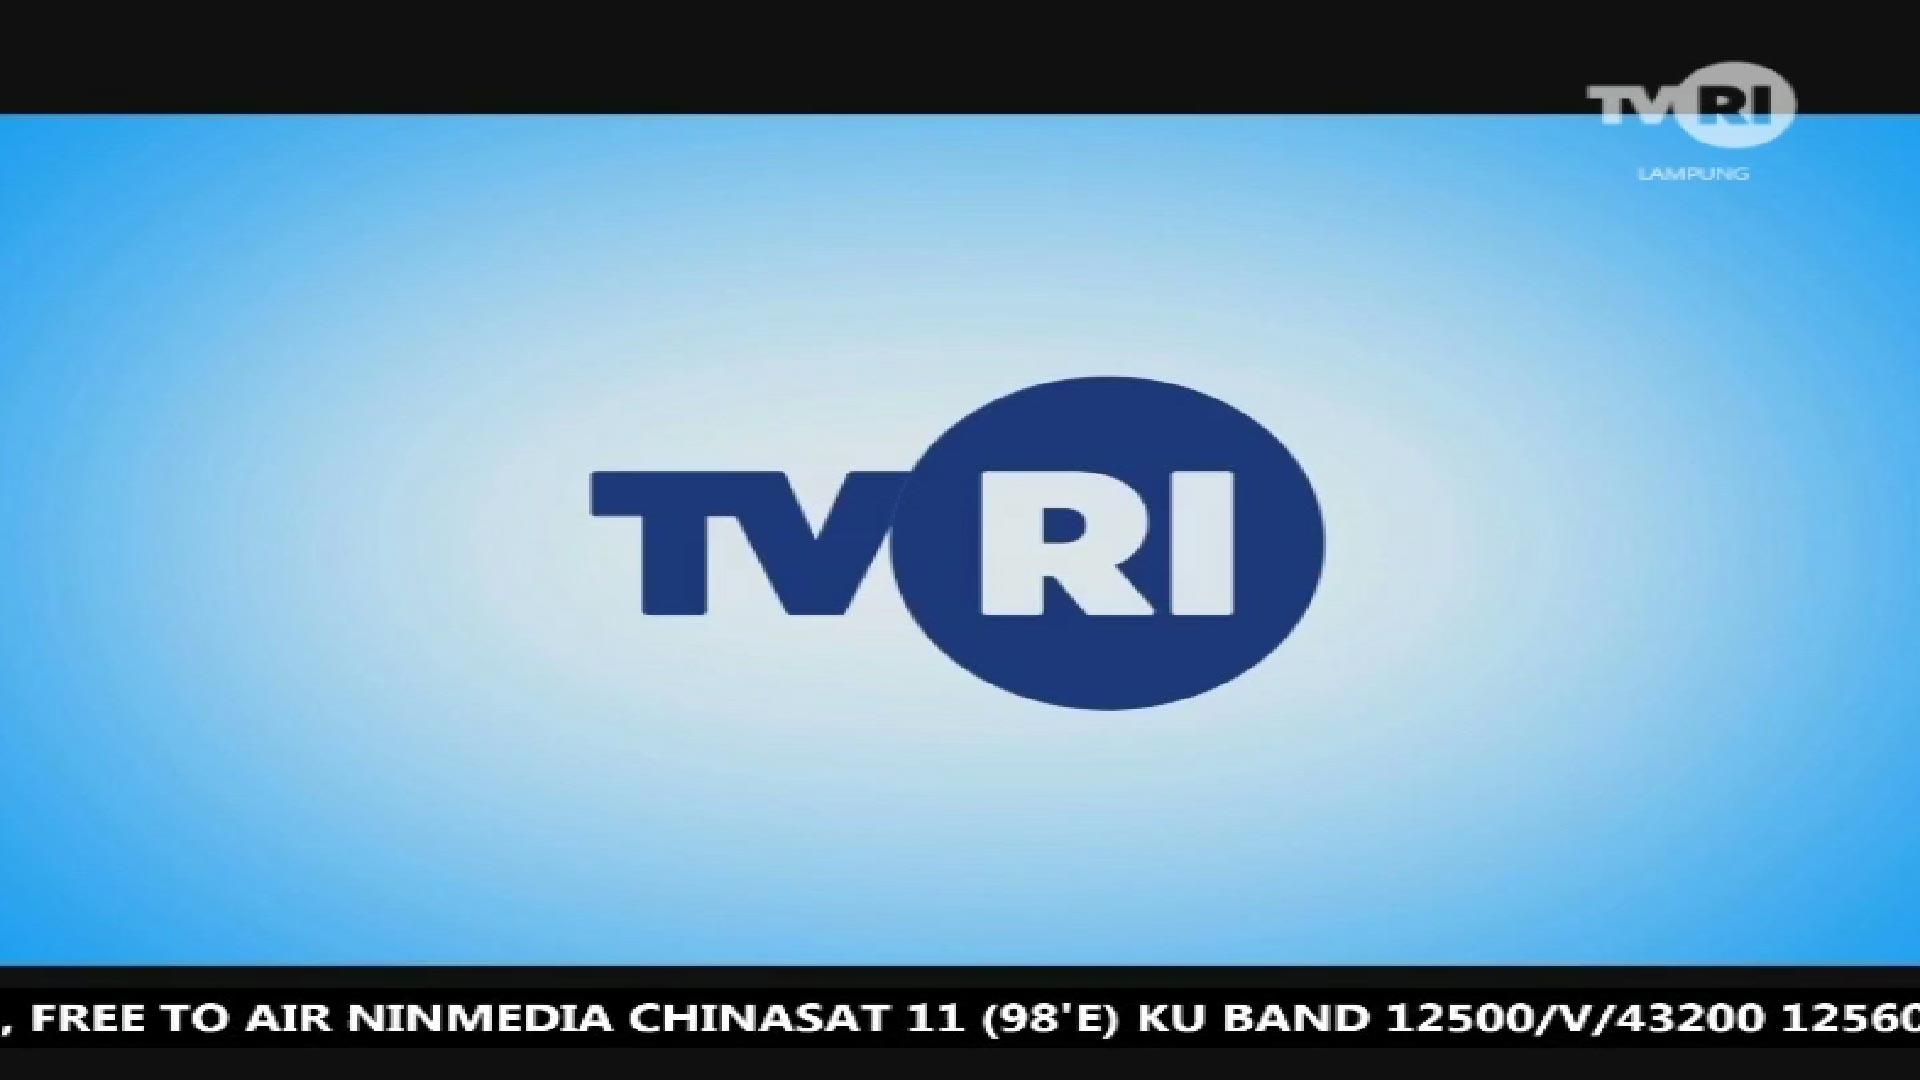 Frekuensi siaran TVRI Lampung di satelit ChinaSat 11 Terbaru